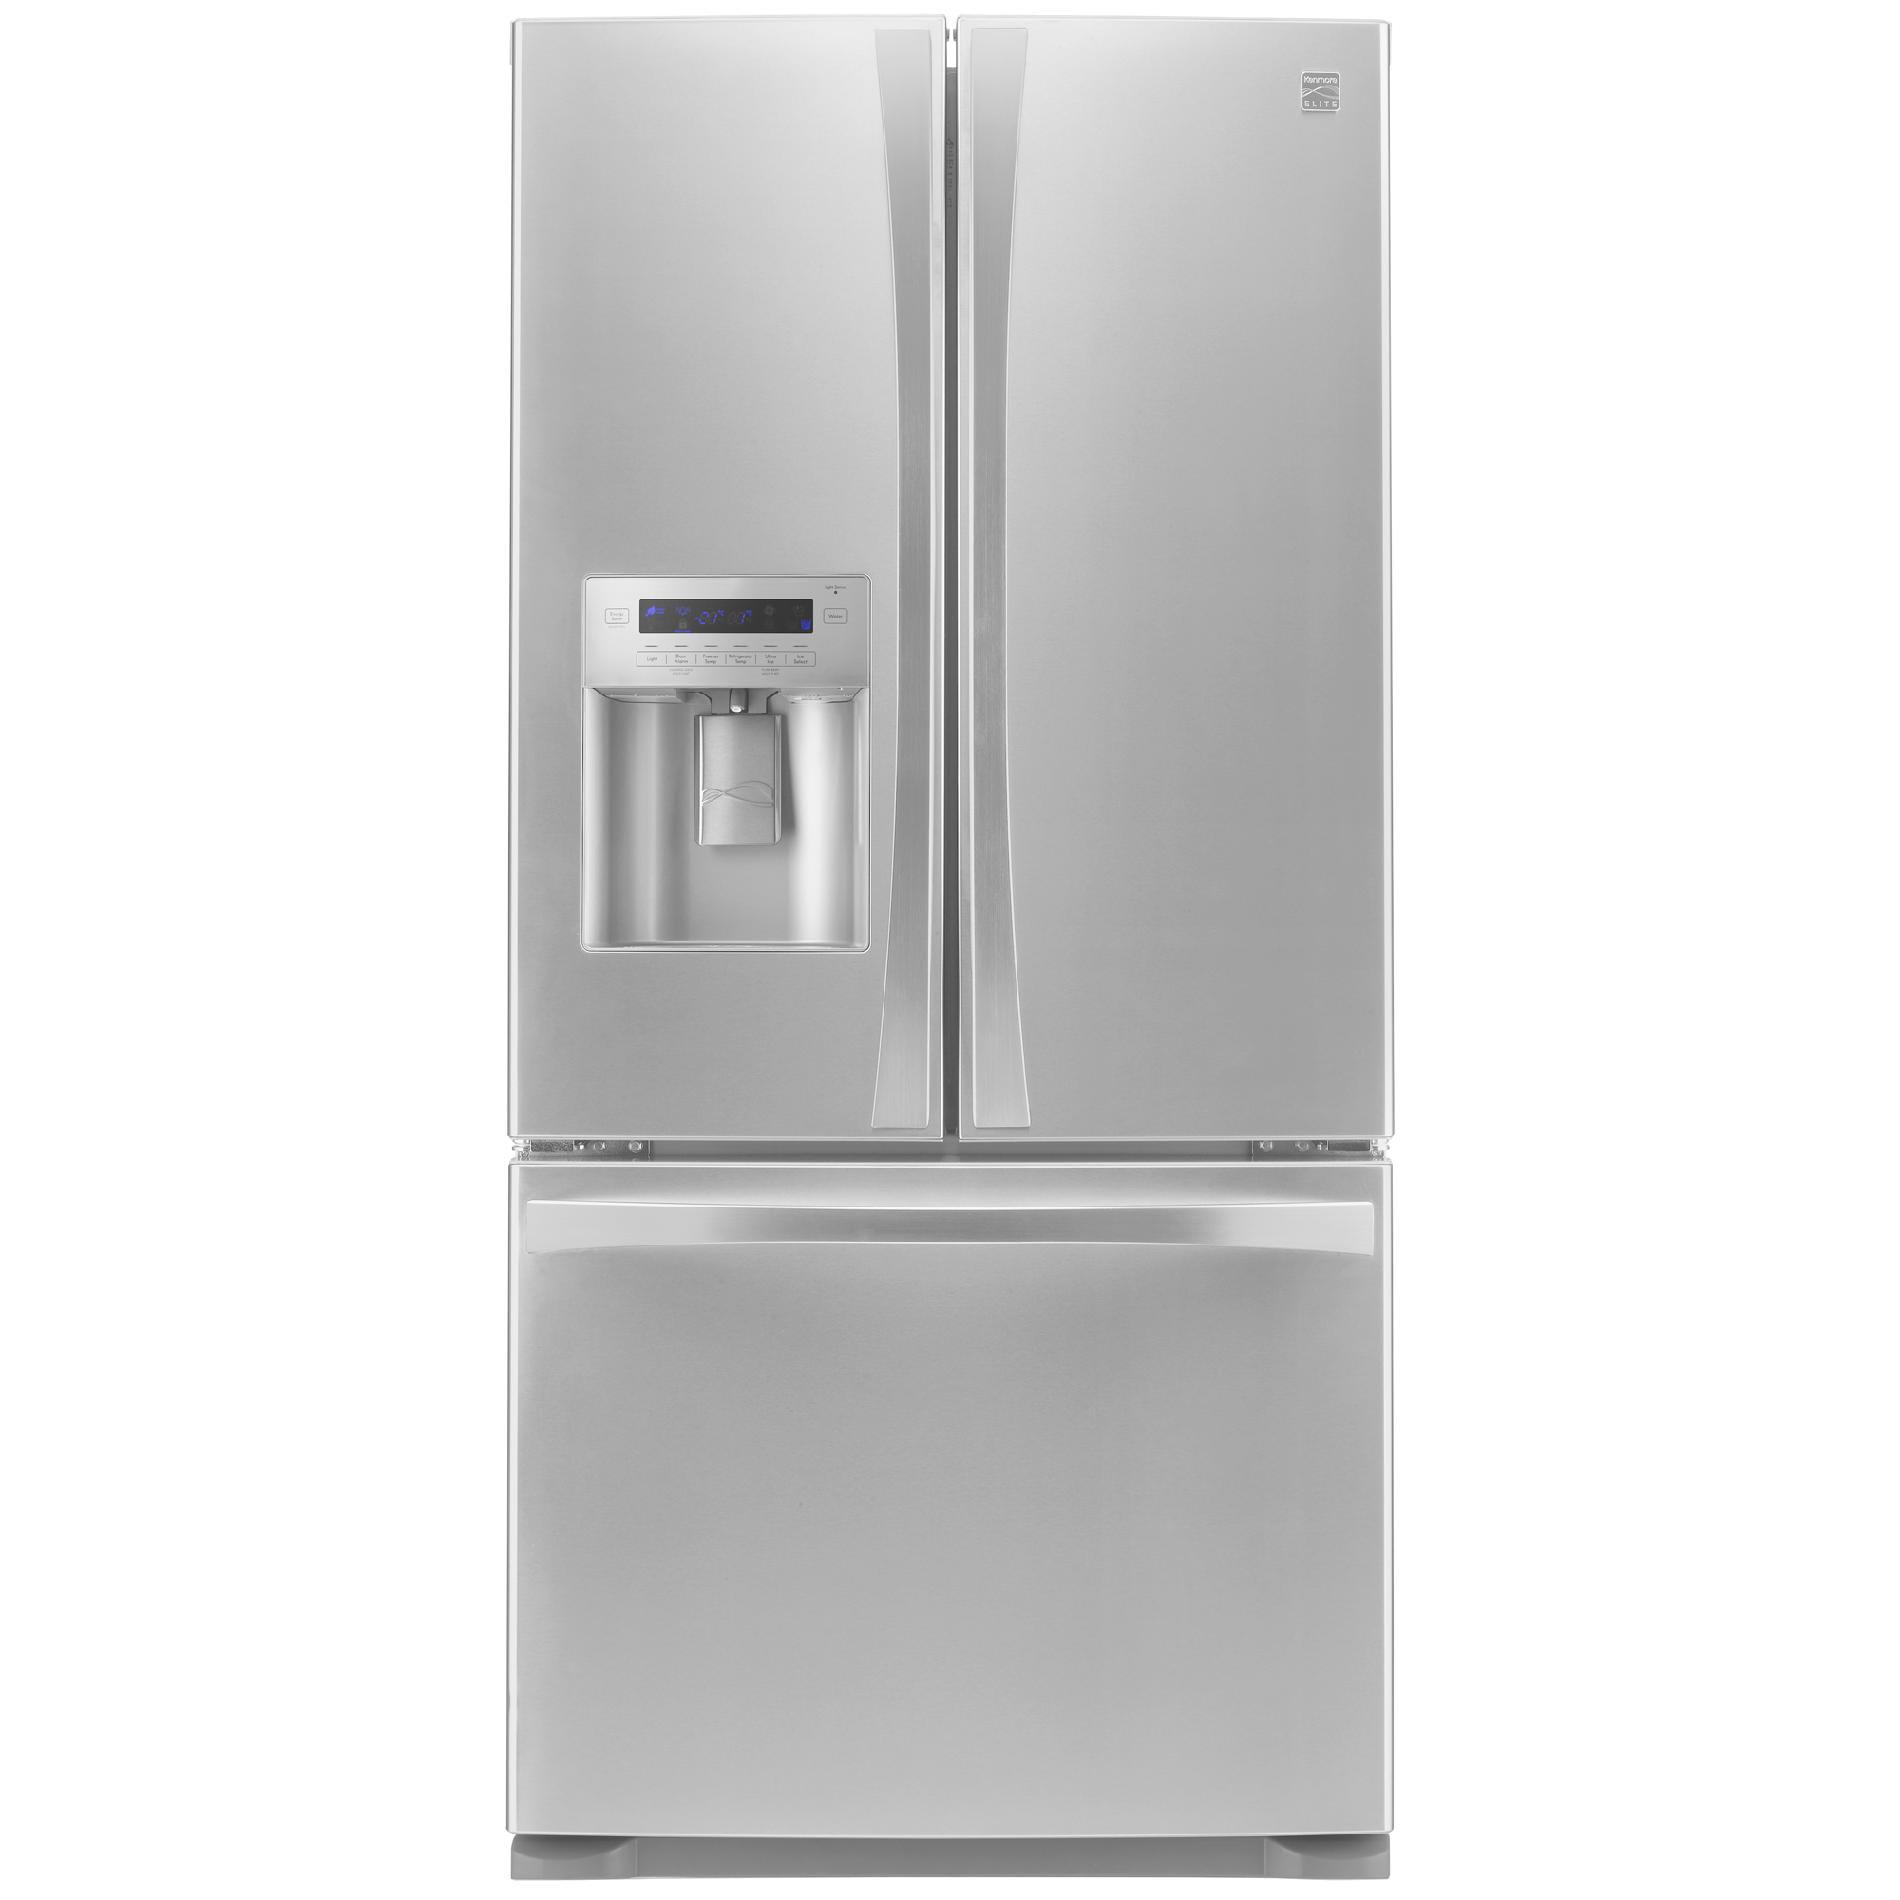 Kenmore Elite 24 2 cu ft French Door Bottom Freezer